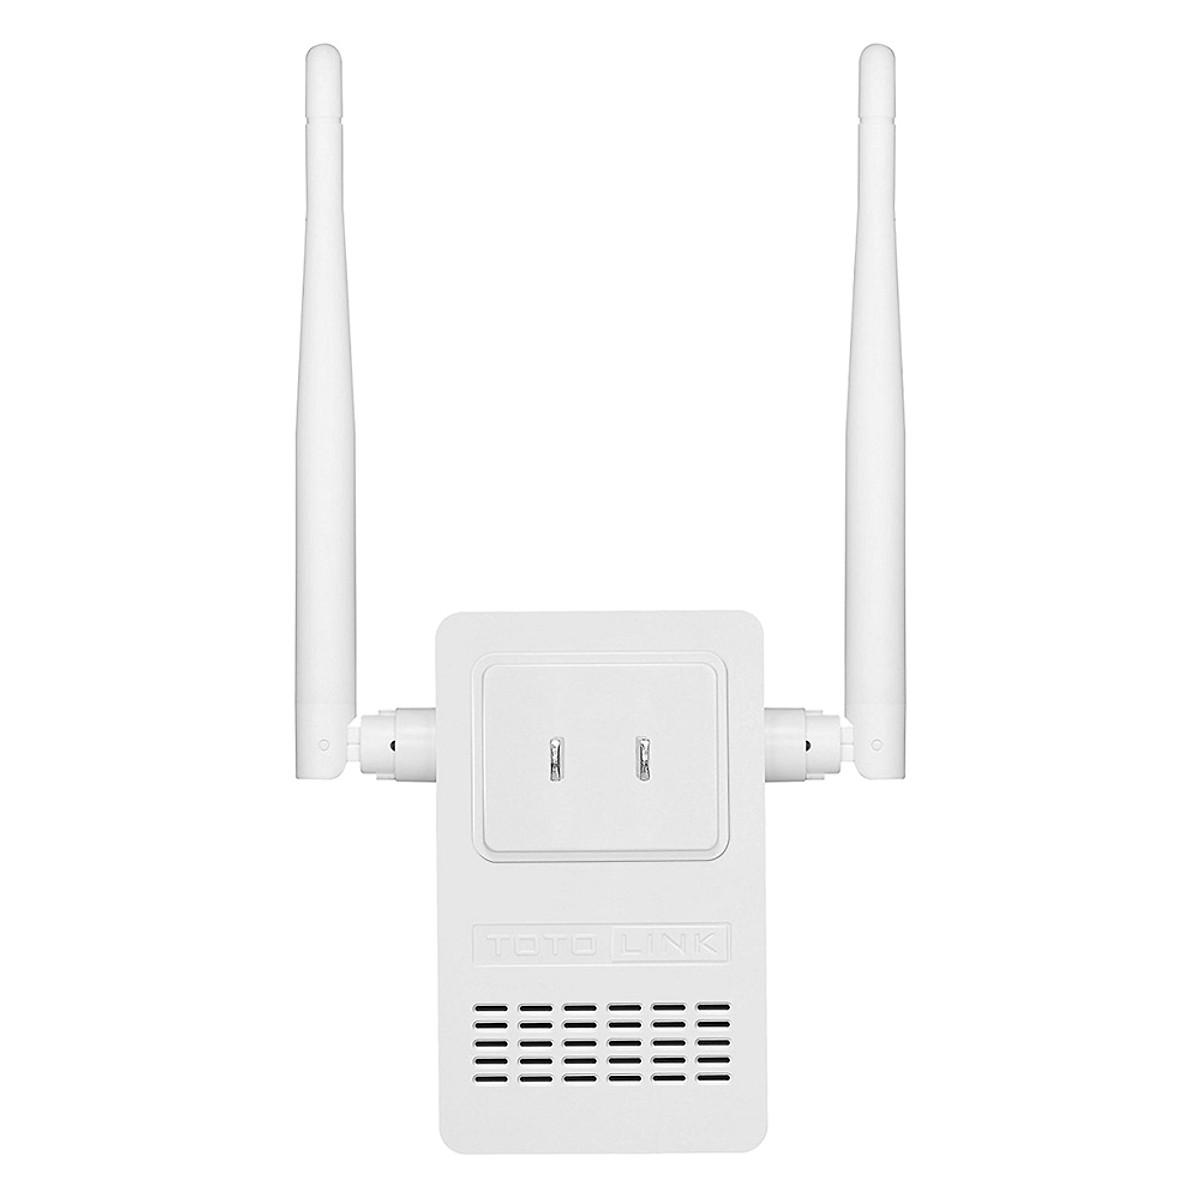 Bộ Kích Sóng Wifi 300Mbps Totolink EX200 - Bộ Mở Rộng Sóng Wifi (Tặng kèm bộ vệ sinh máy tính, điện thoai) - Hàng Chính Hãng